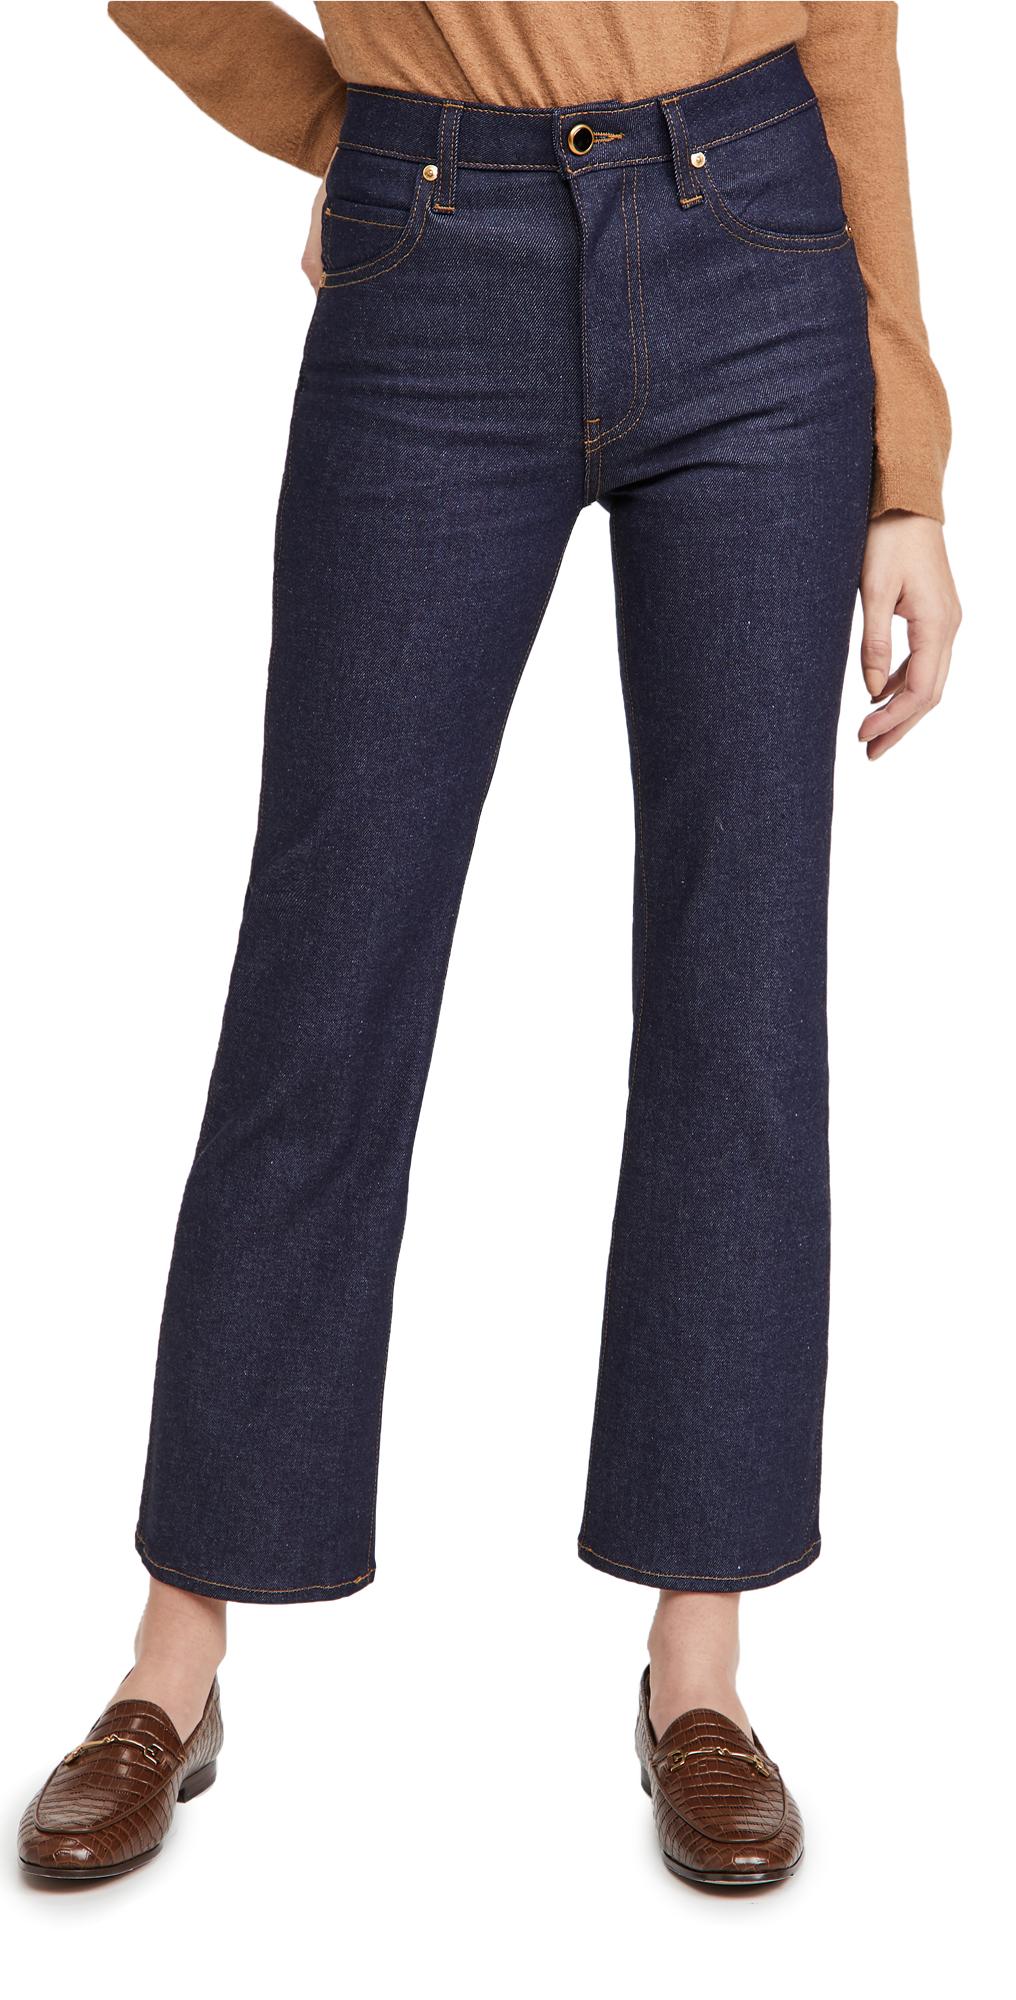 Khaite Vivian Flare Jeans